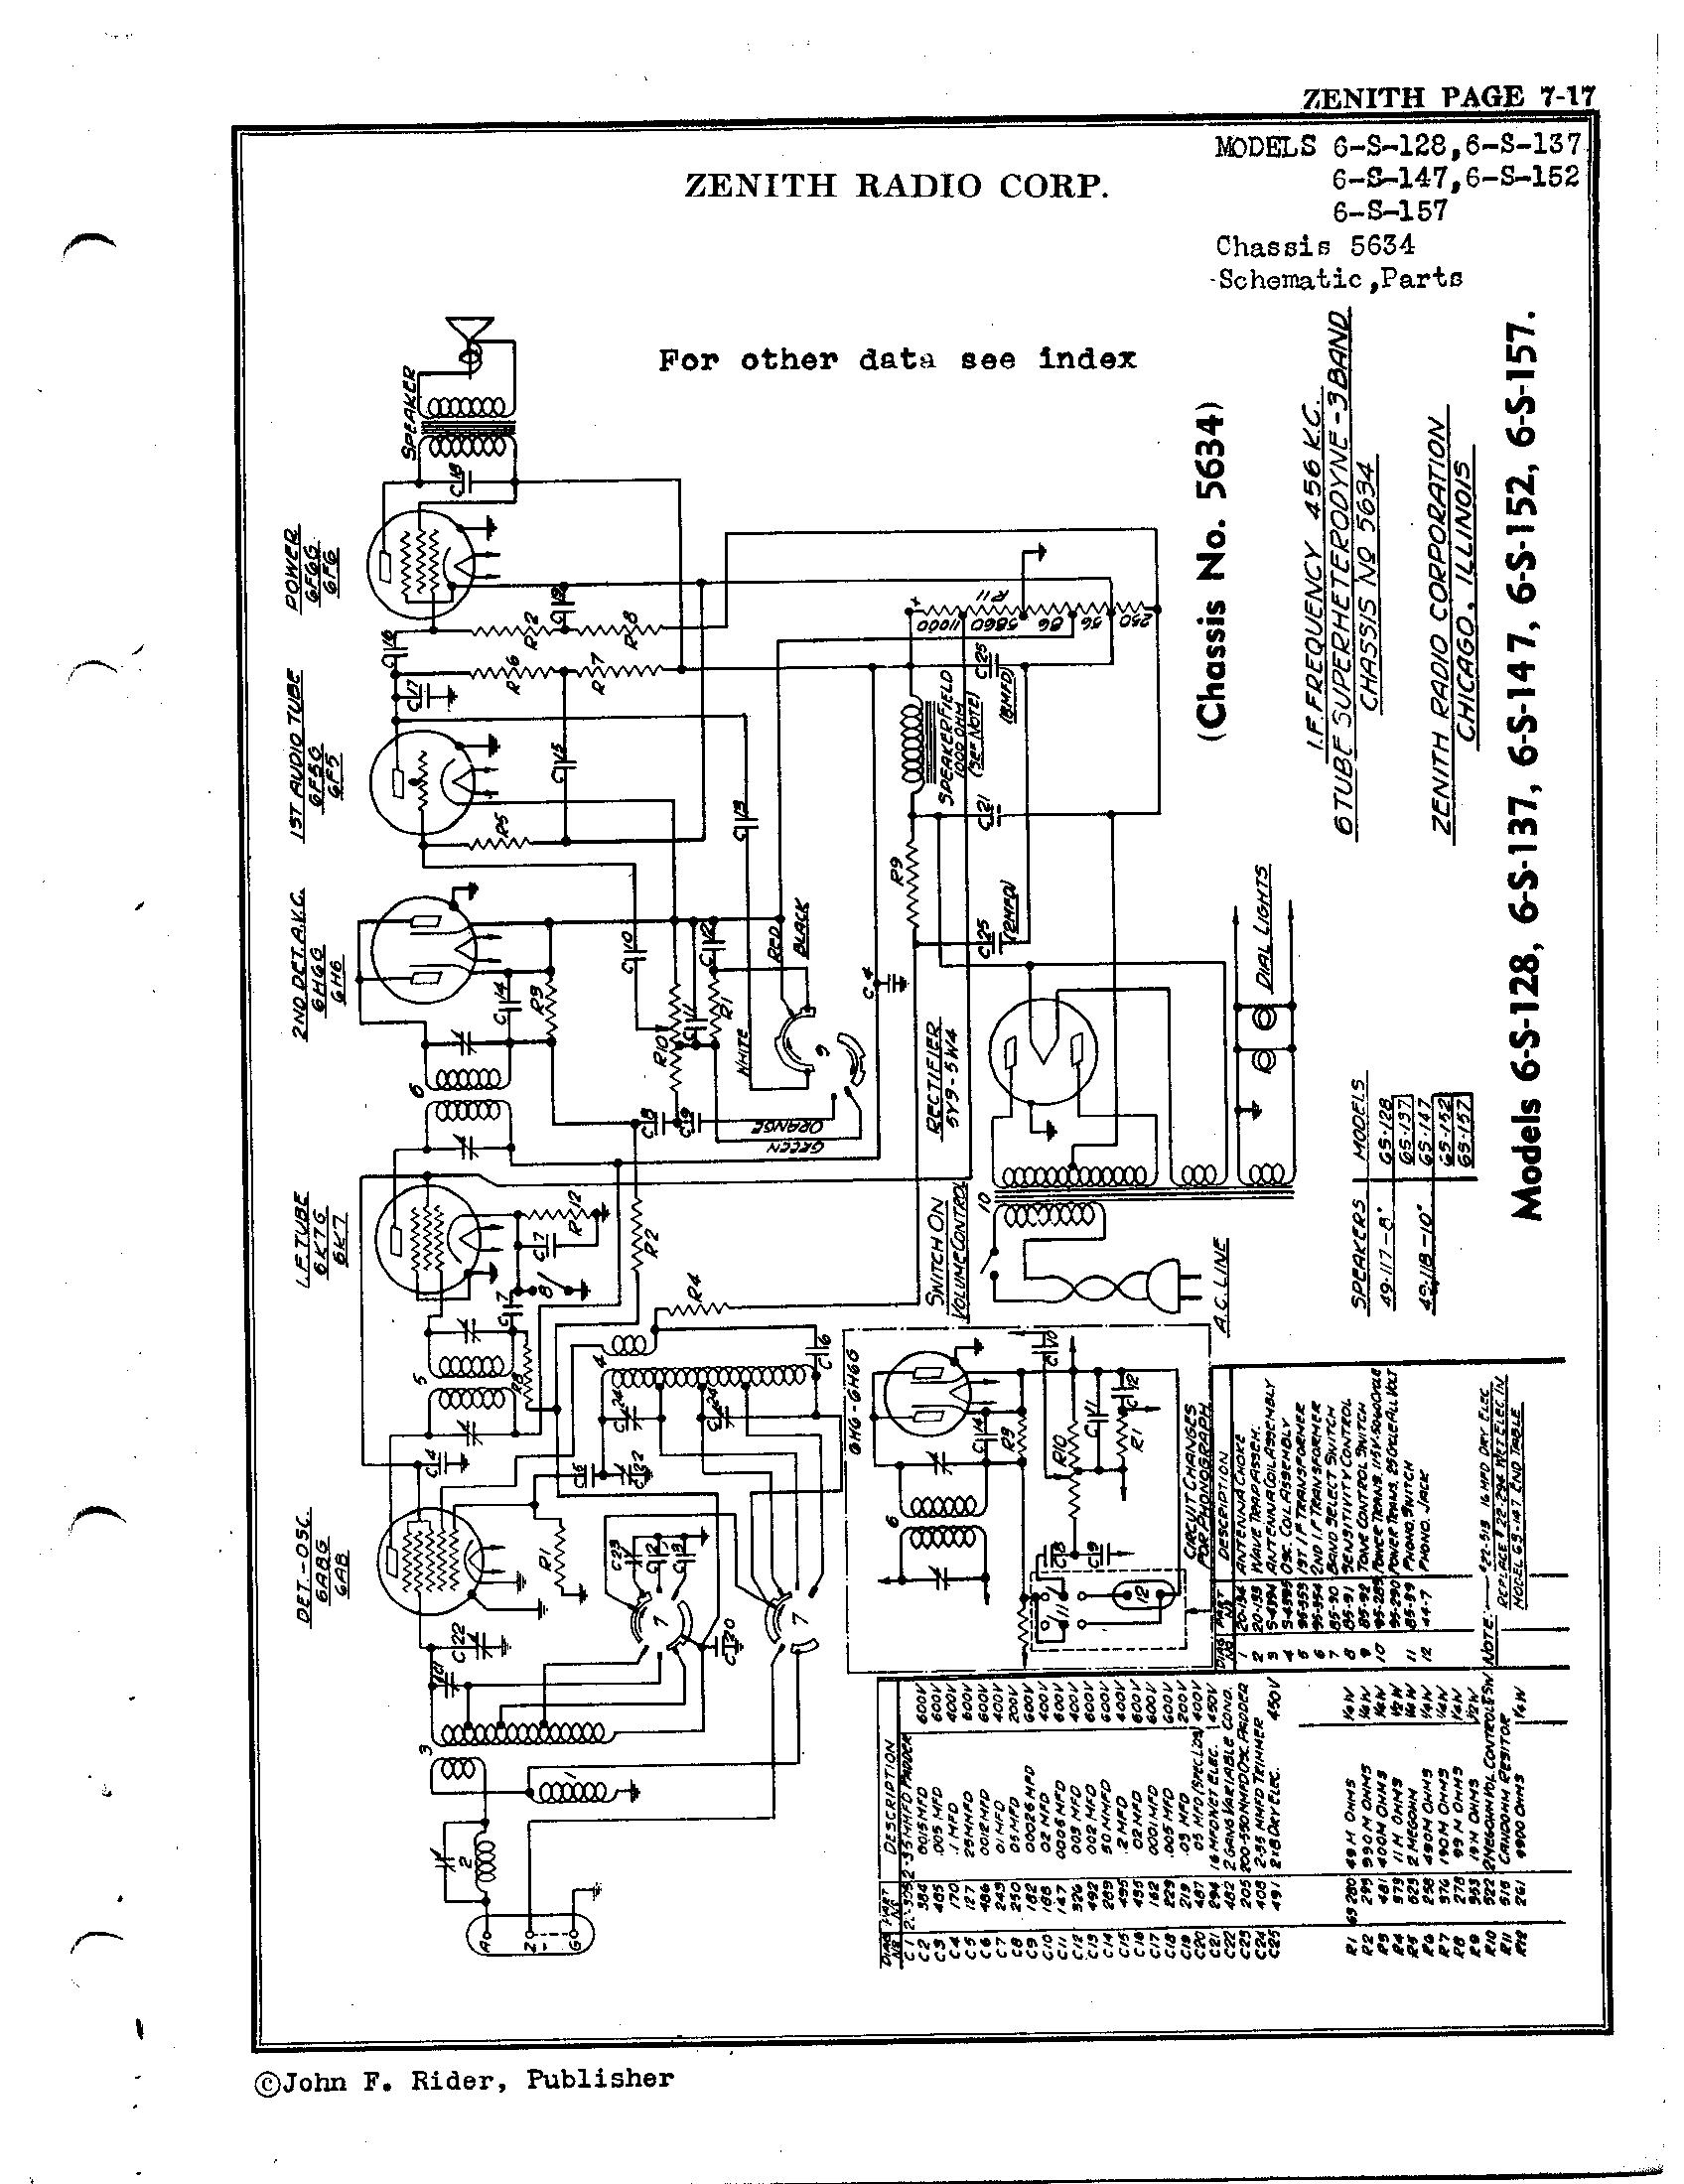 zenith radio corp  6